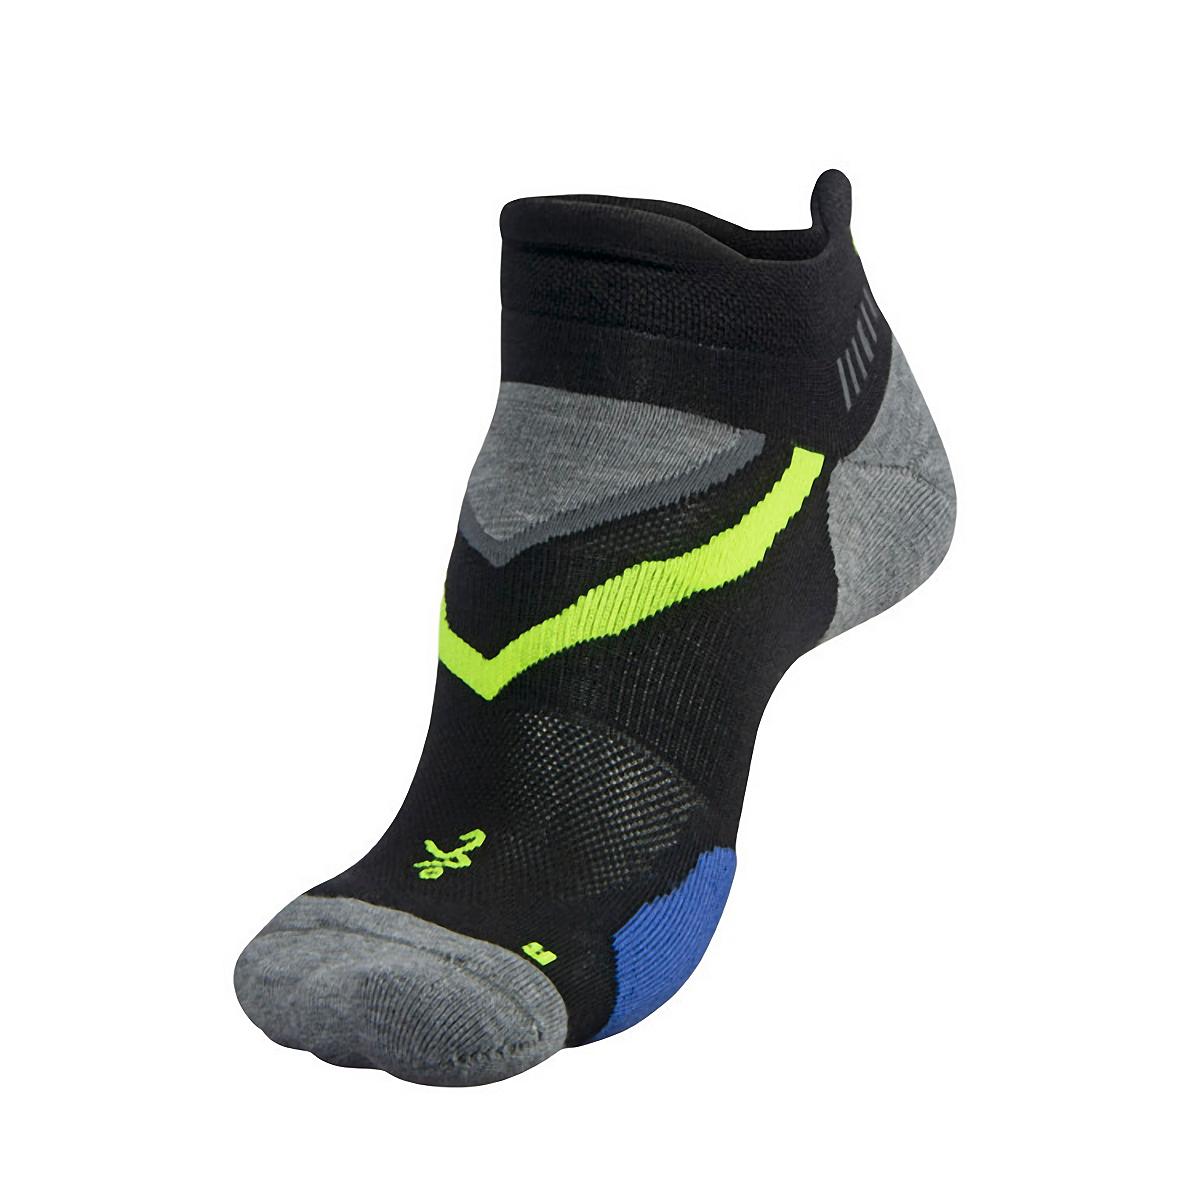 Balega UltraGlide No Show Socks - Color: Black - Size: M, Black, large, image 2